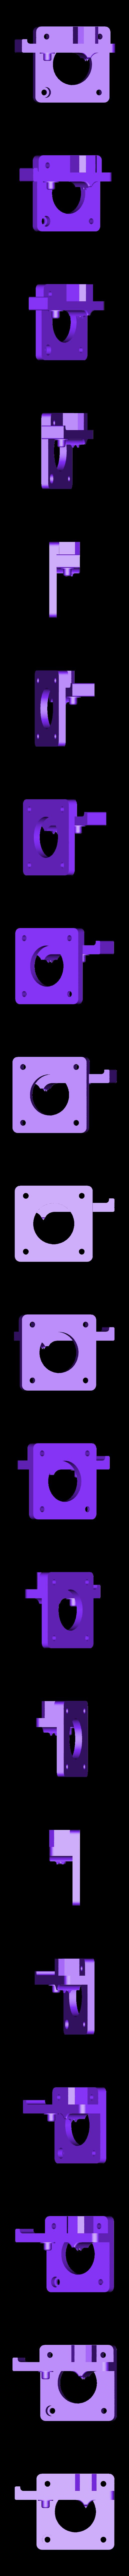 Staffa_Finale.stl Télécharger fichier STL gratuit Modernisation de l'extrudeuse TPU - pas besoin de PTFE • Plan pour impression 3D, iAlbo